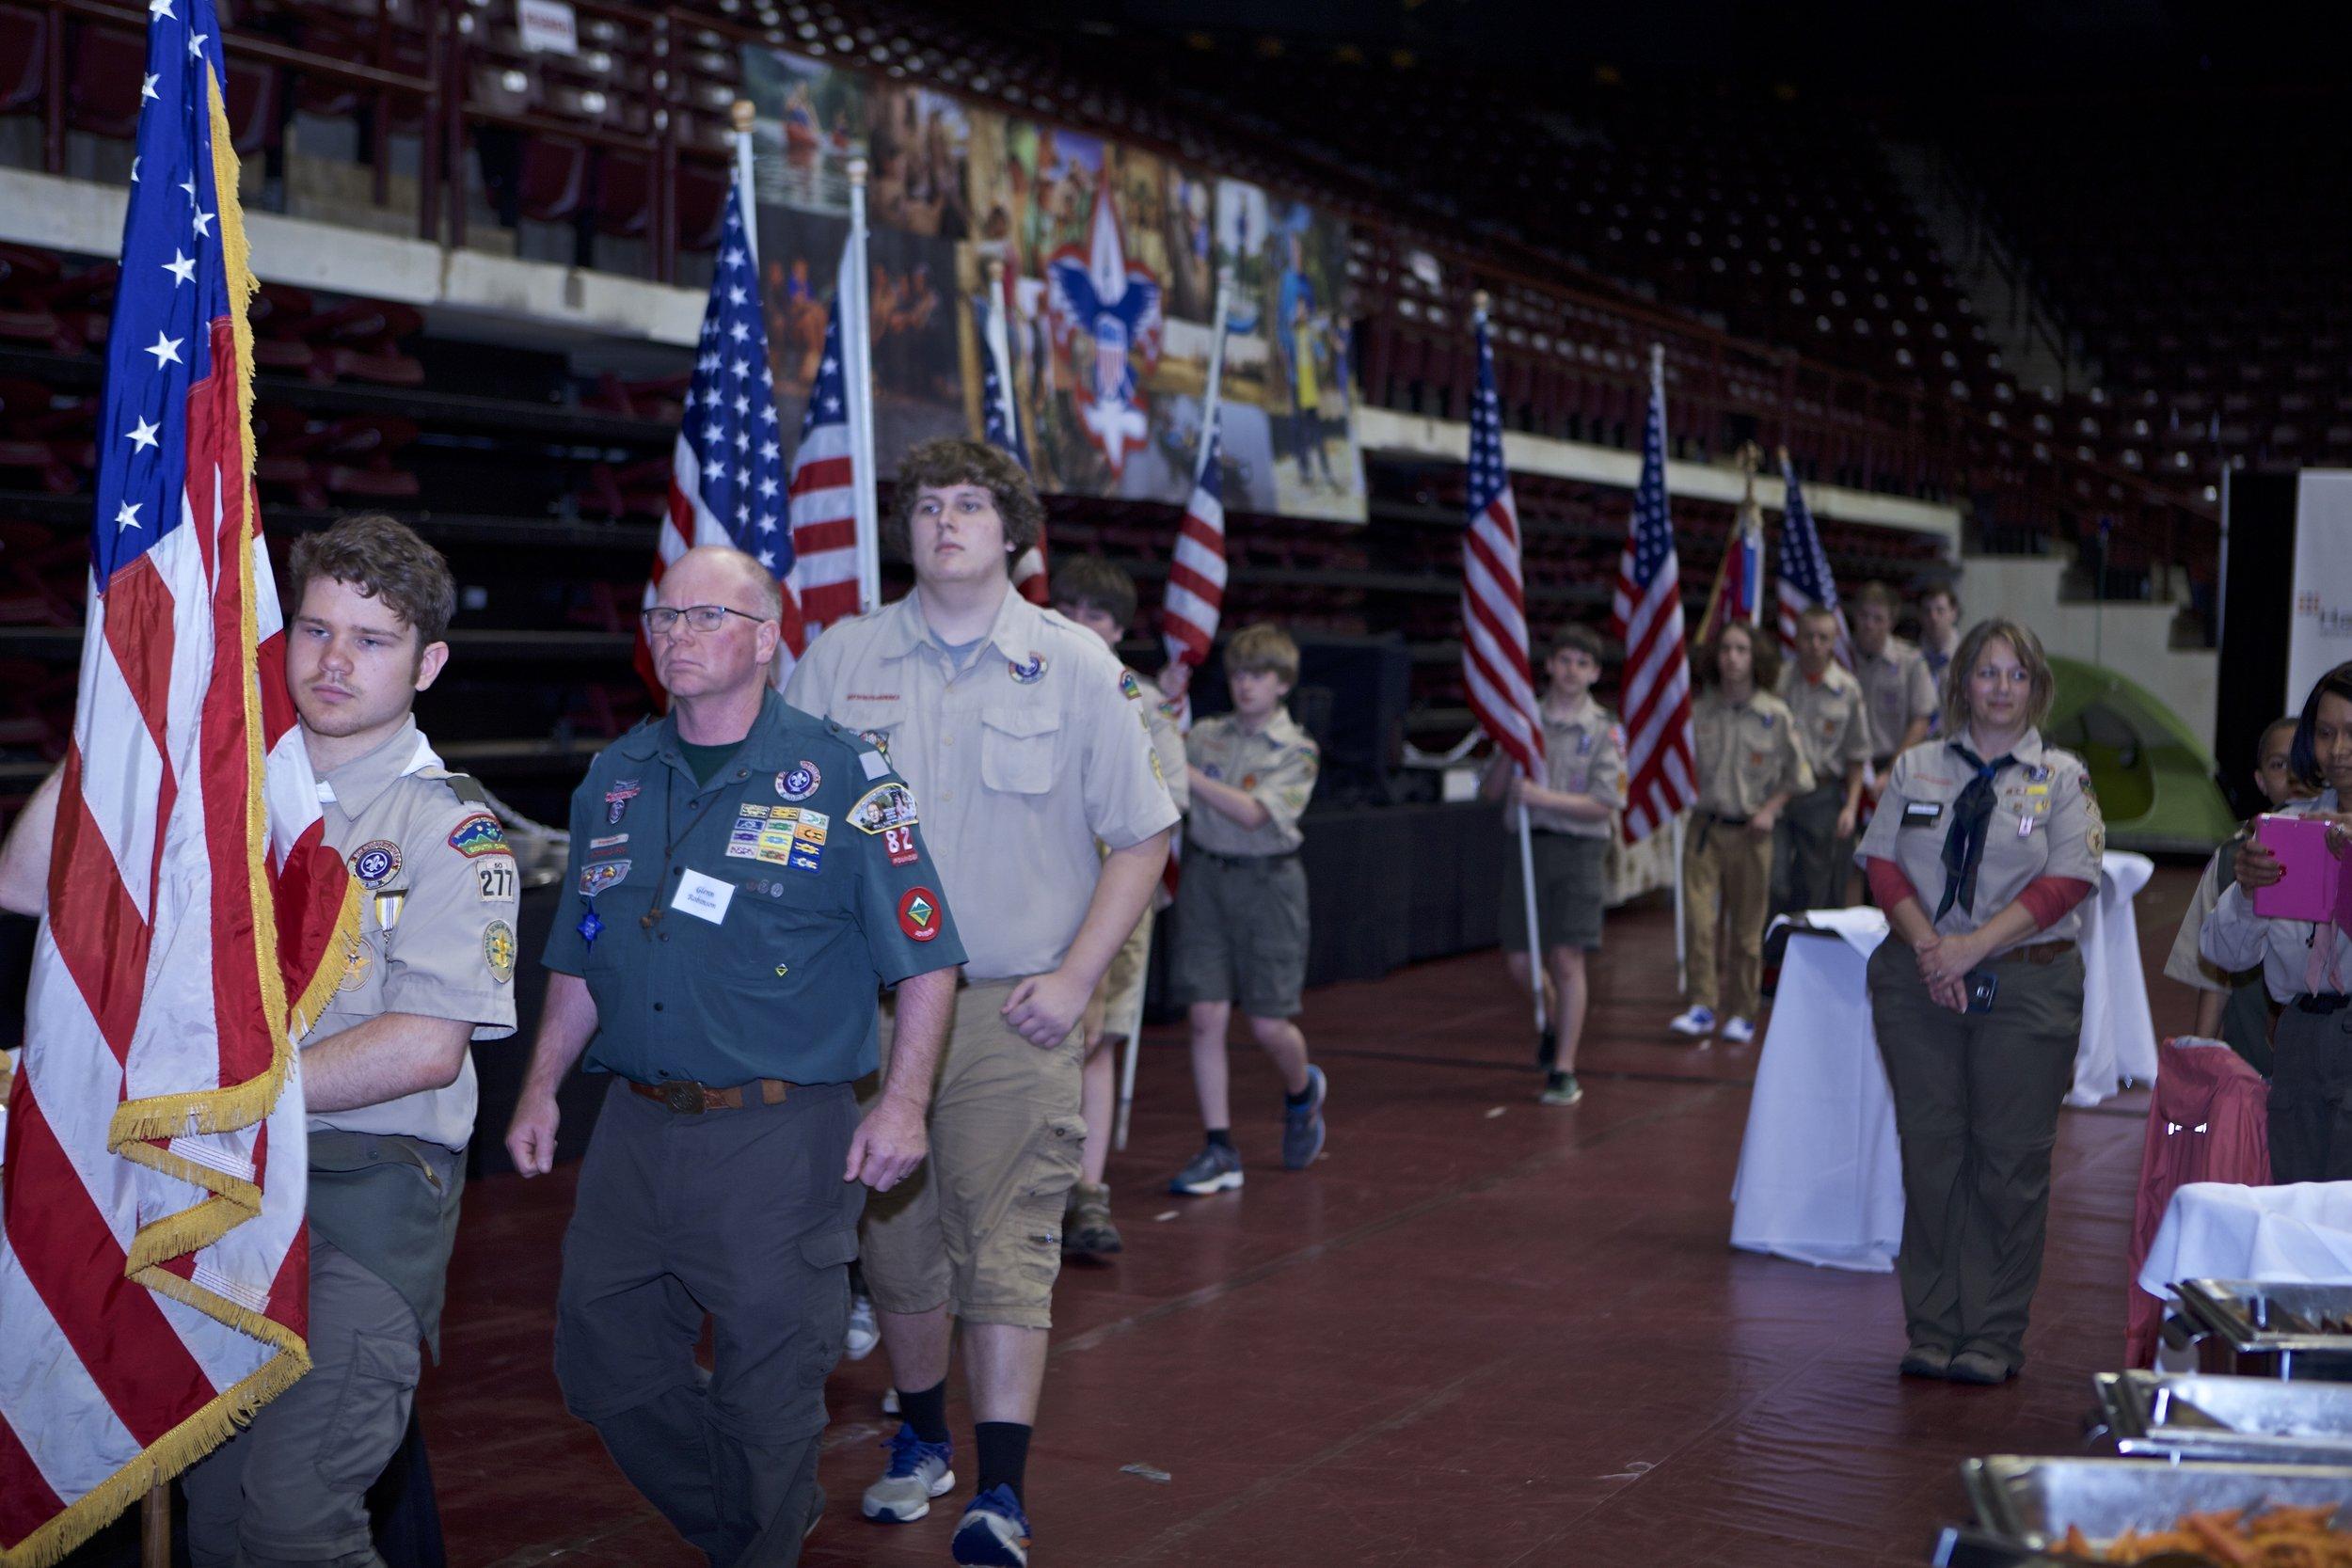 Boy Scouts_109.jpg